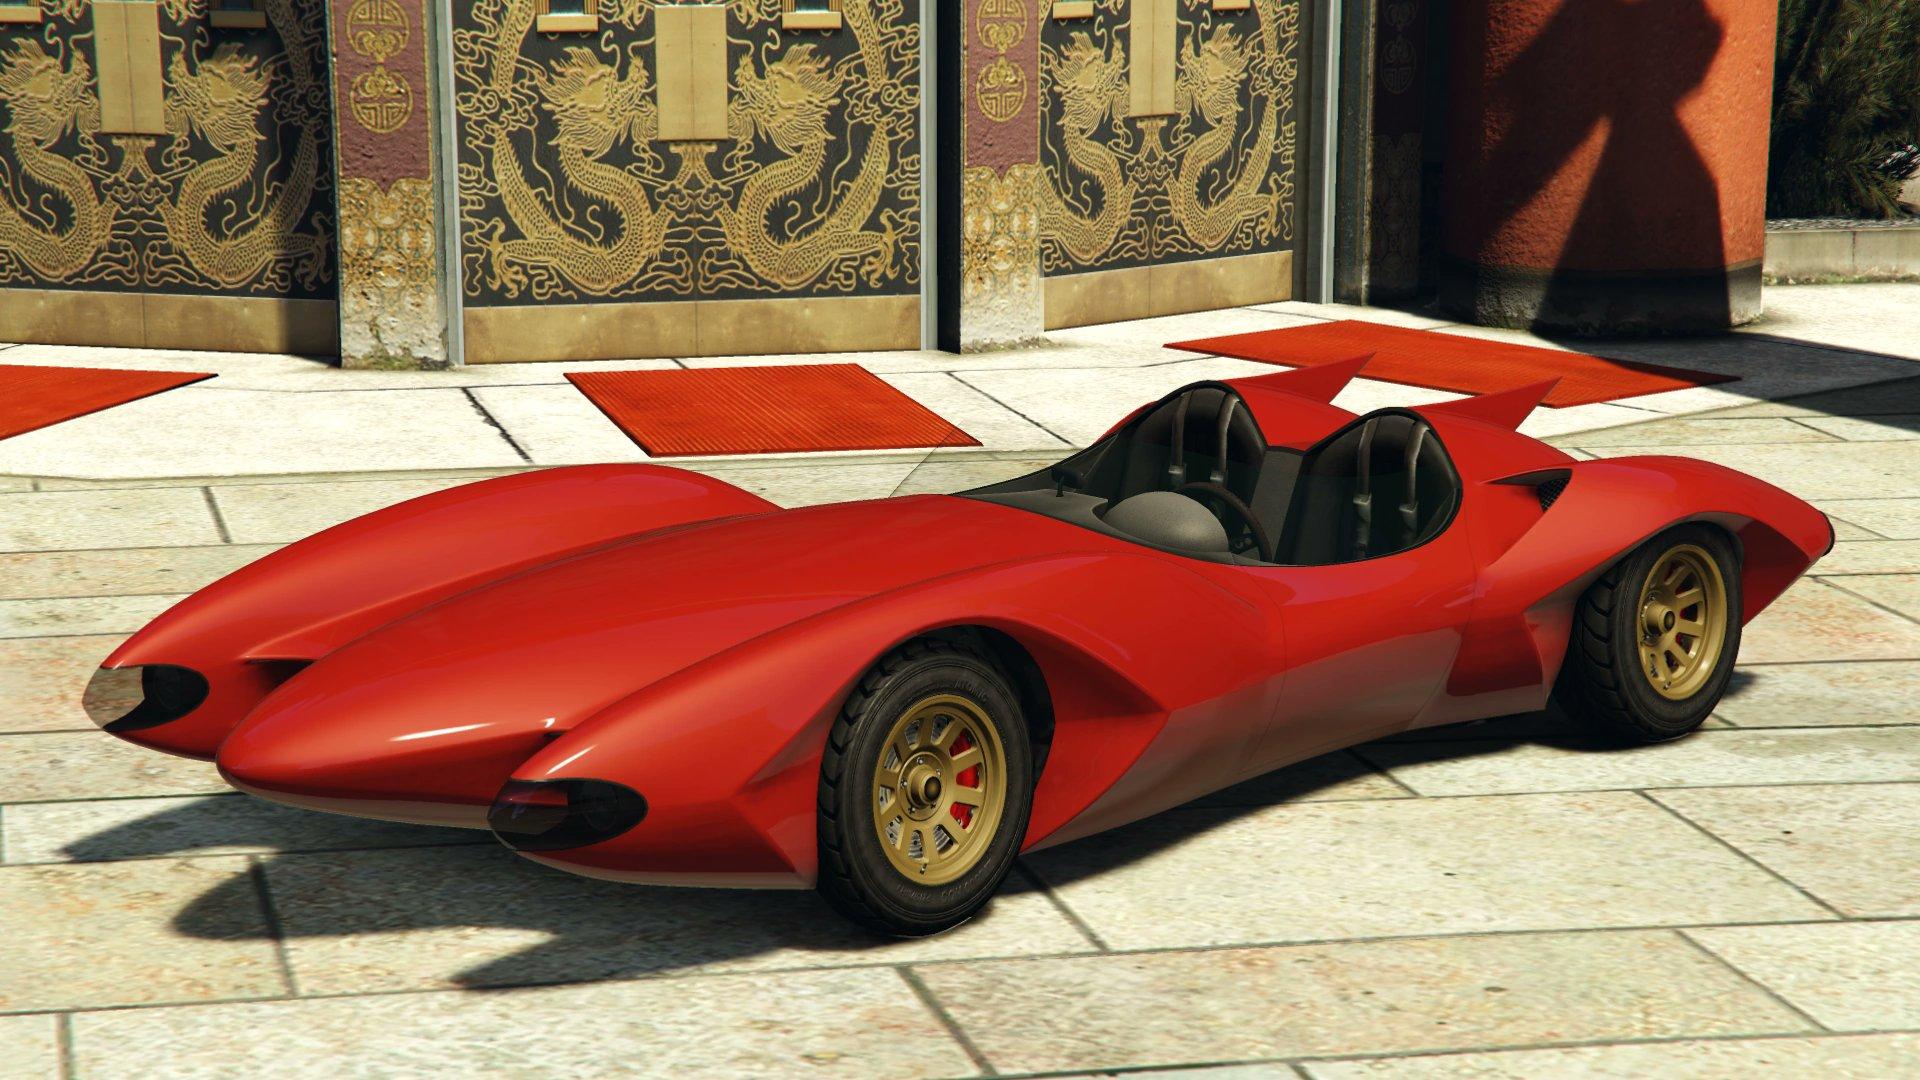 Scramjet car in GTA Online